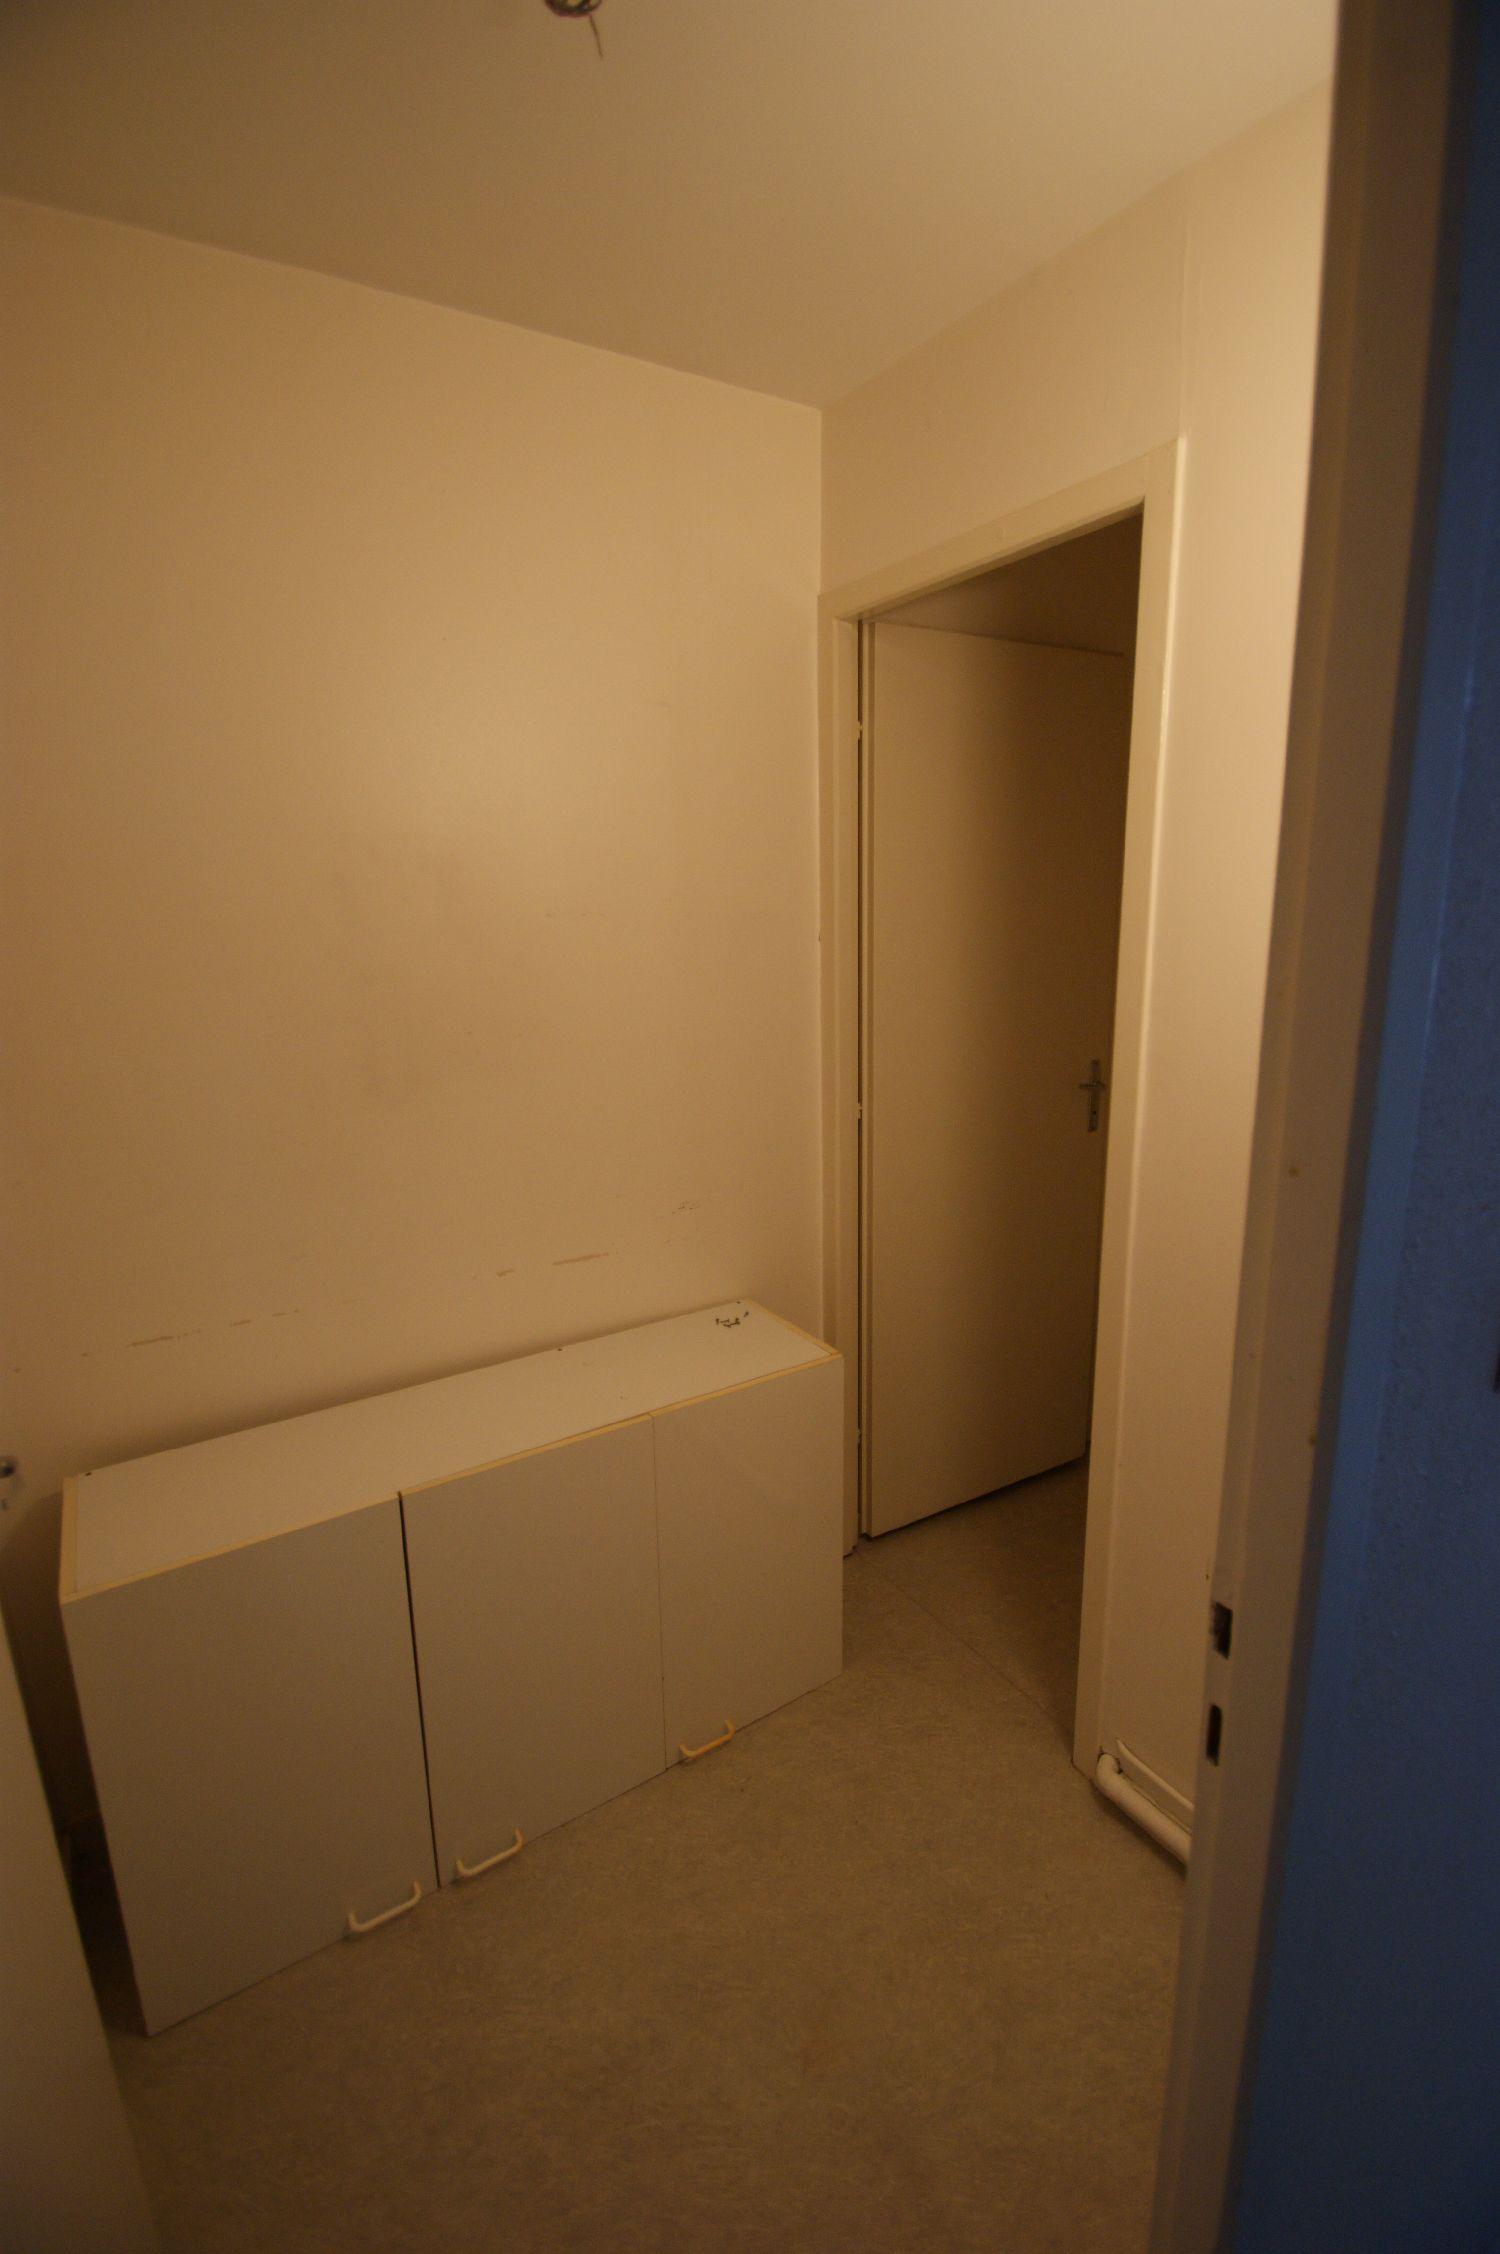 la rochelle renovation entreprise de r novation d 39 appartement et de maison. Black Bedroom Furniture Sets. Home Design Ideas